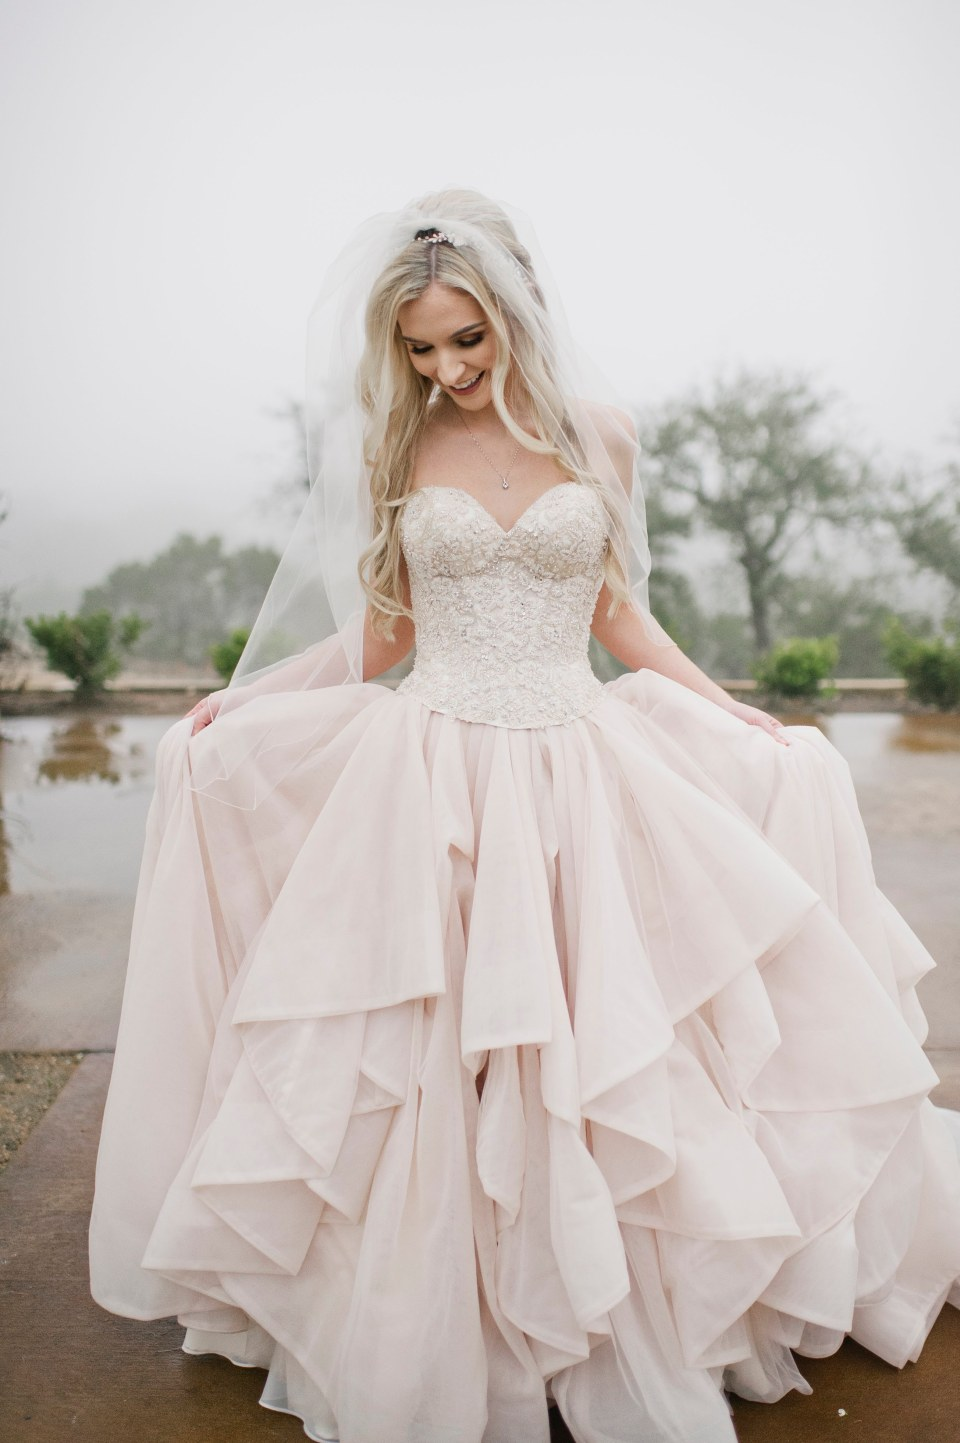 Bride in blush wedding gown